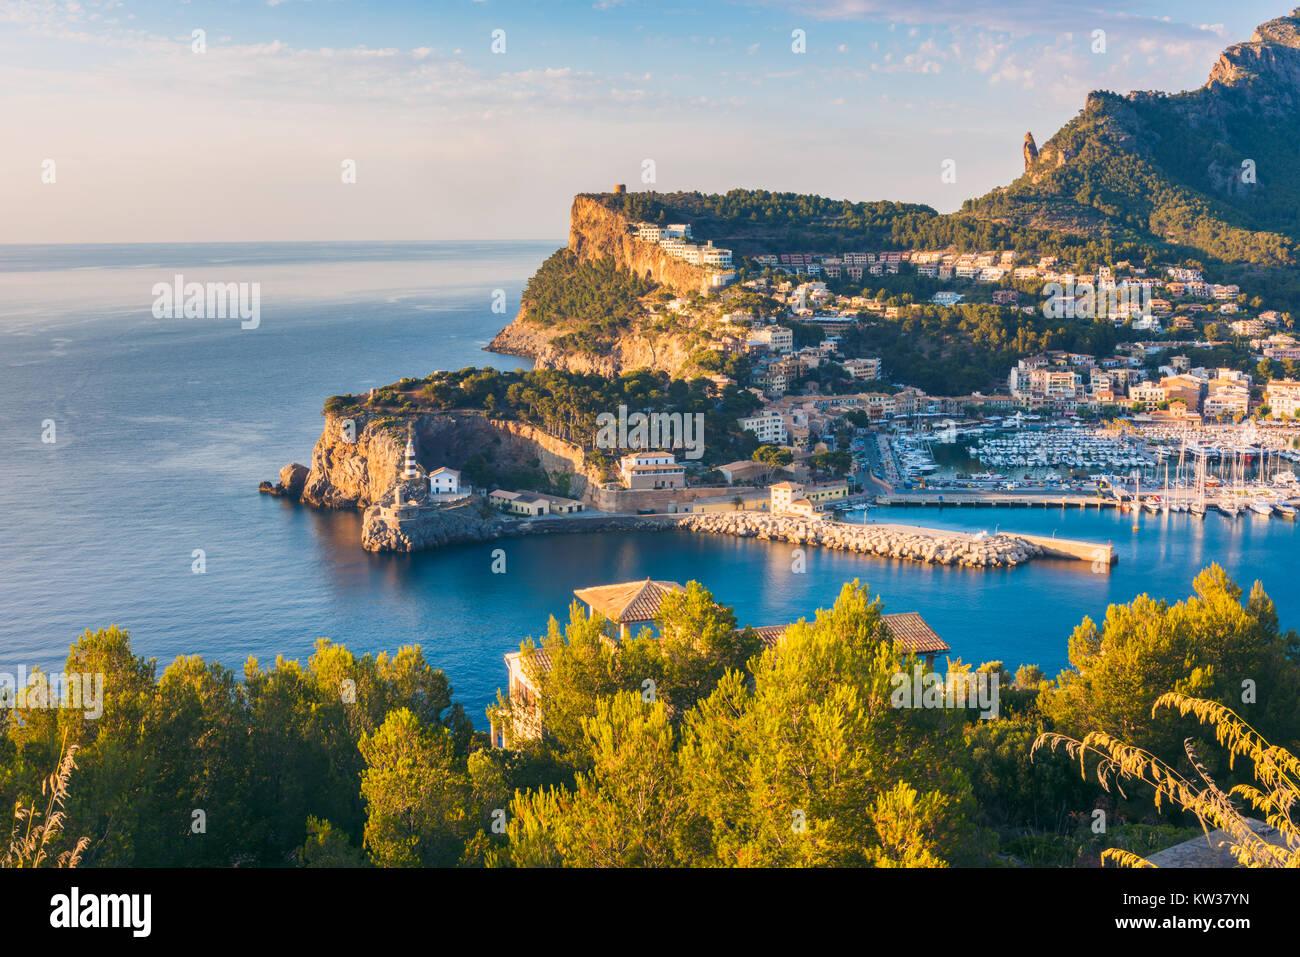 High Angle View sur le Port de Soller, Majorque, Îles Baléares, Espagne au coucher du soleil Photo Stock